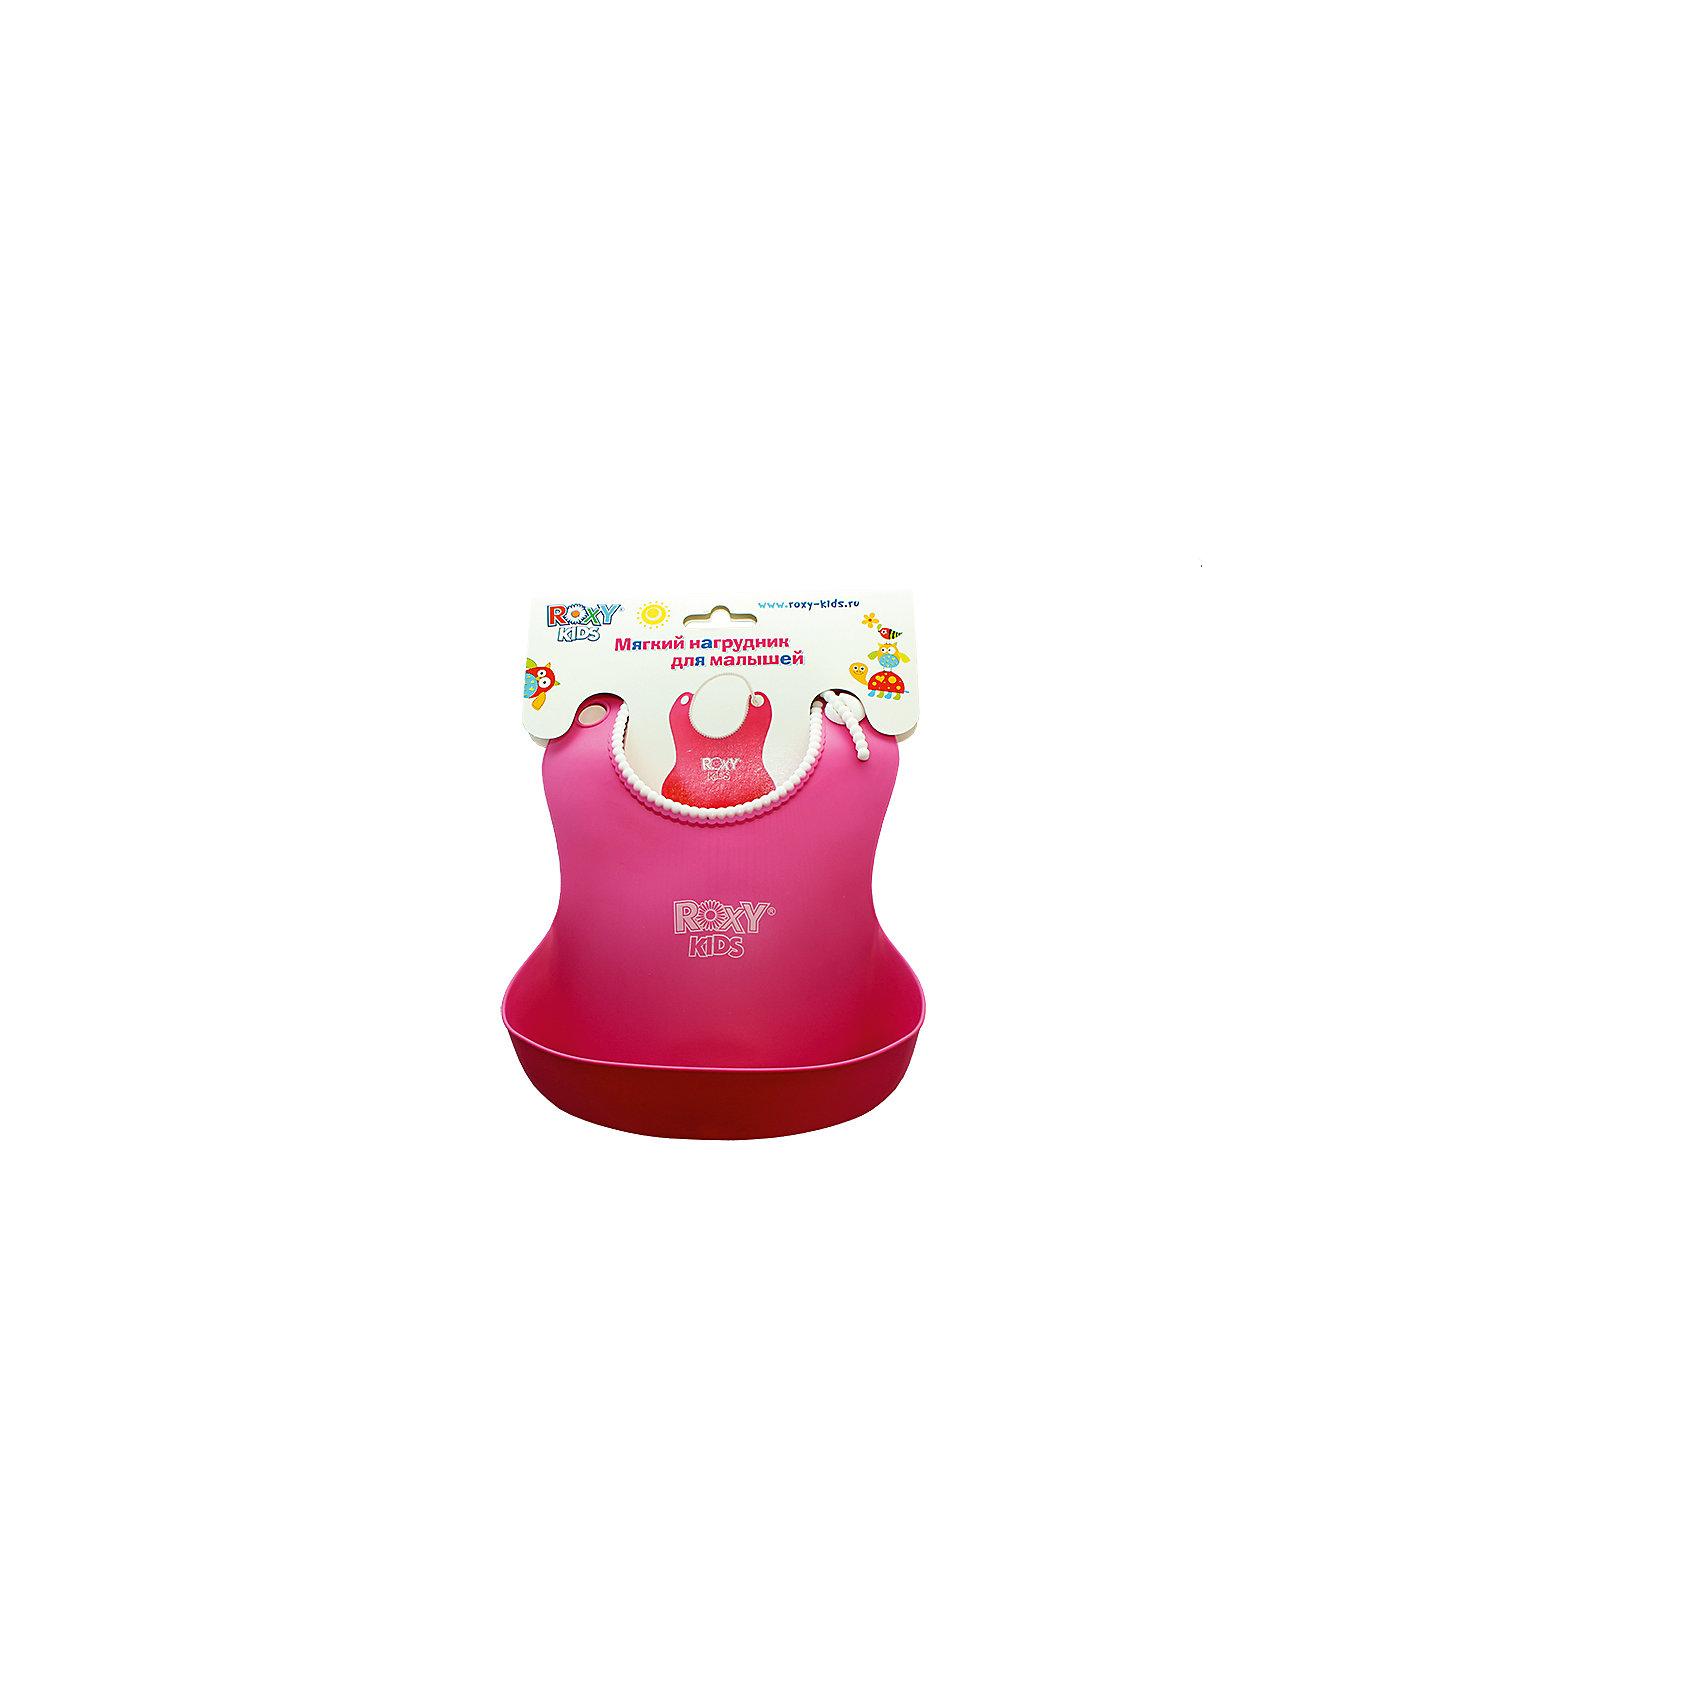 Roxy-Kids Мягкий нагрудник с кармашком, Roxy-Kids, roxy kids круг музыкальный на шею для купания flipper цвет розовый